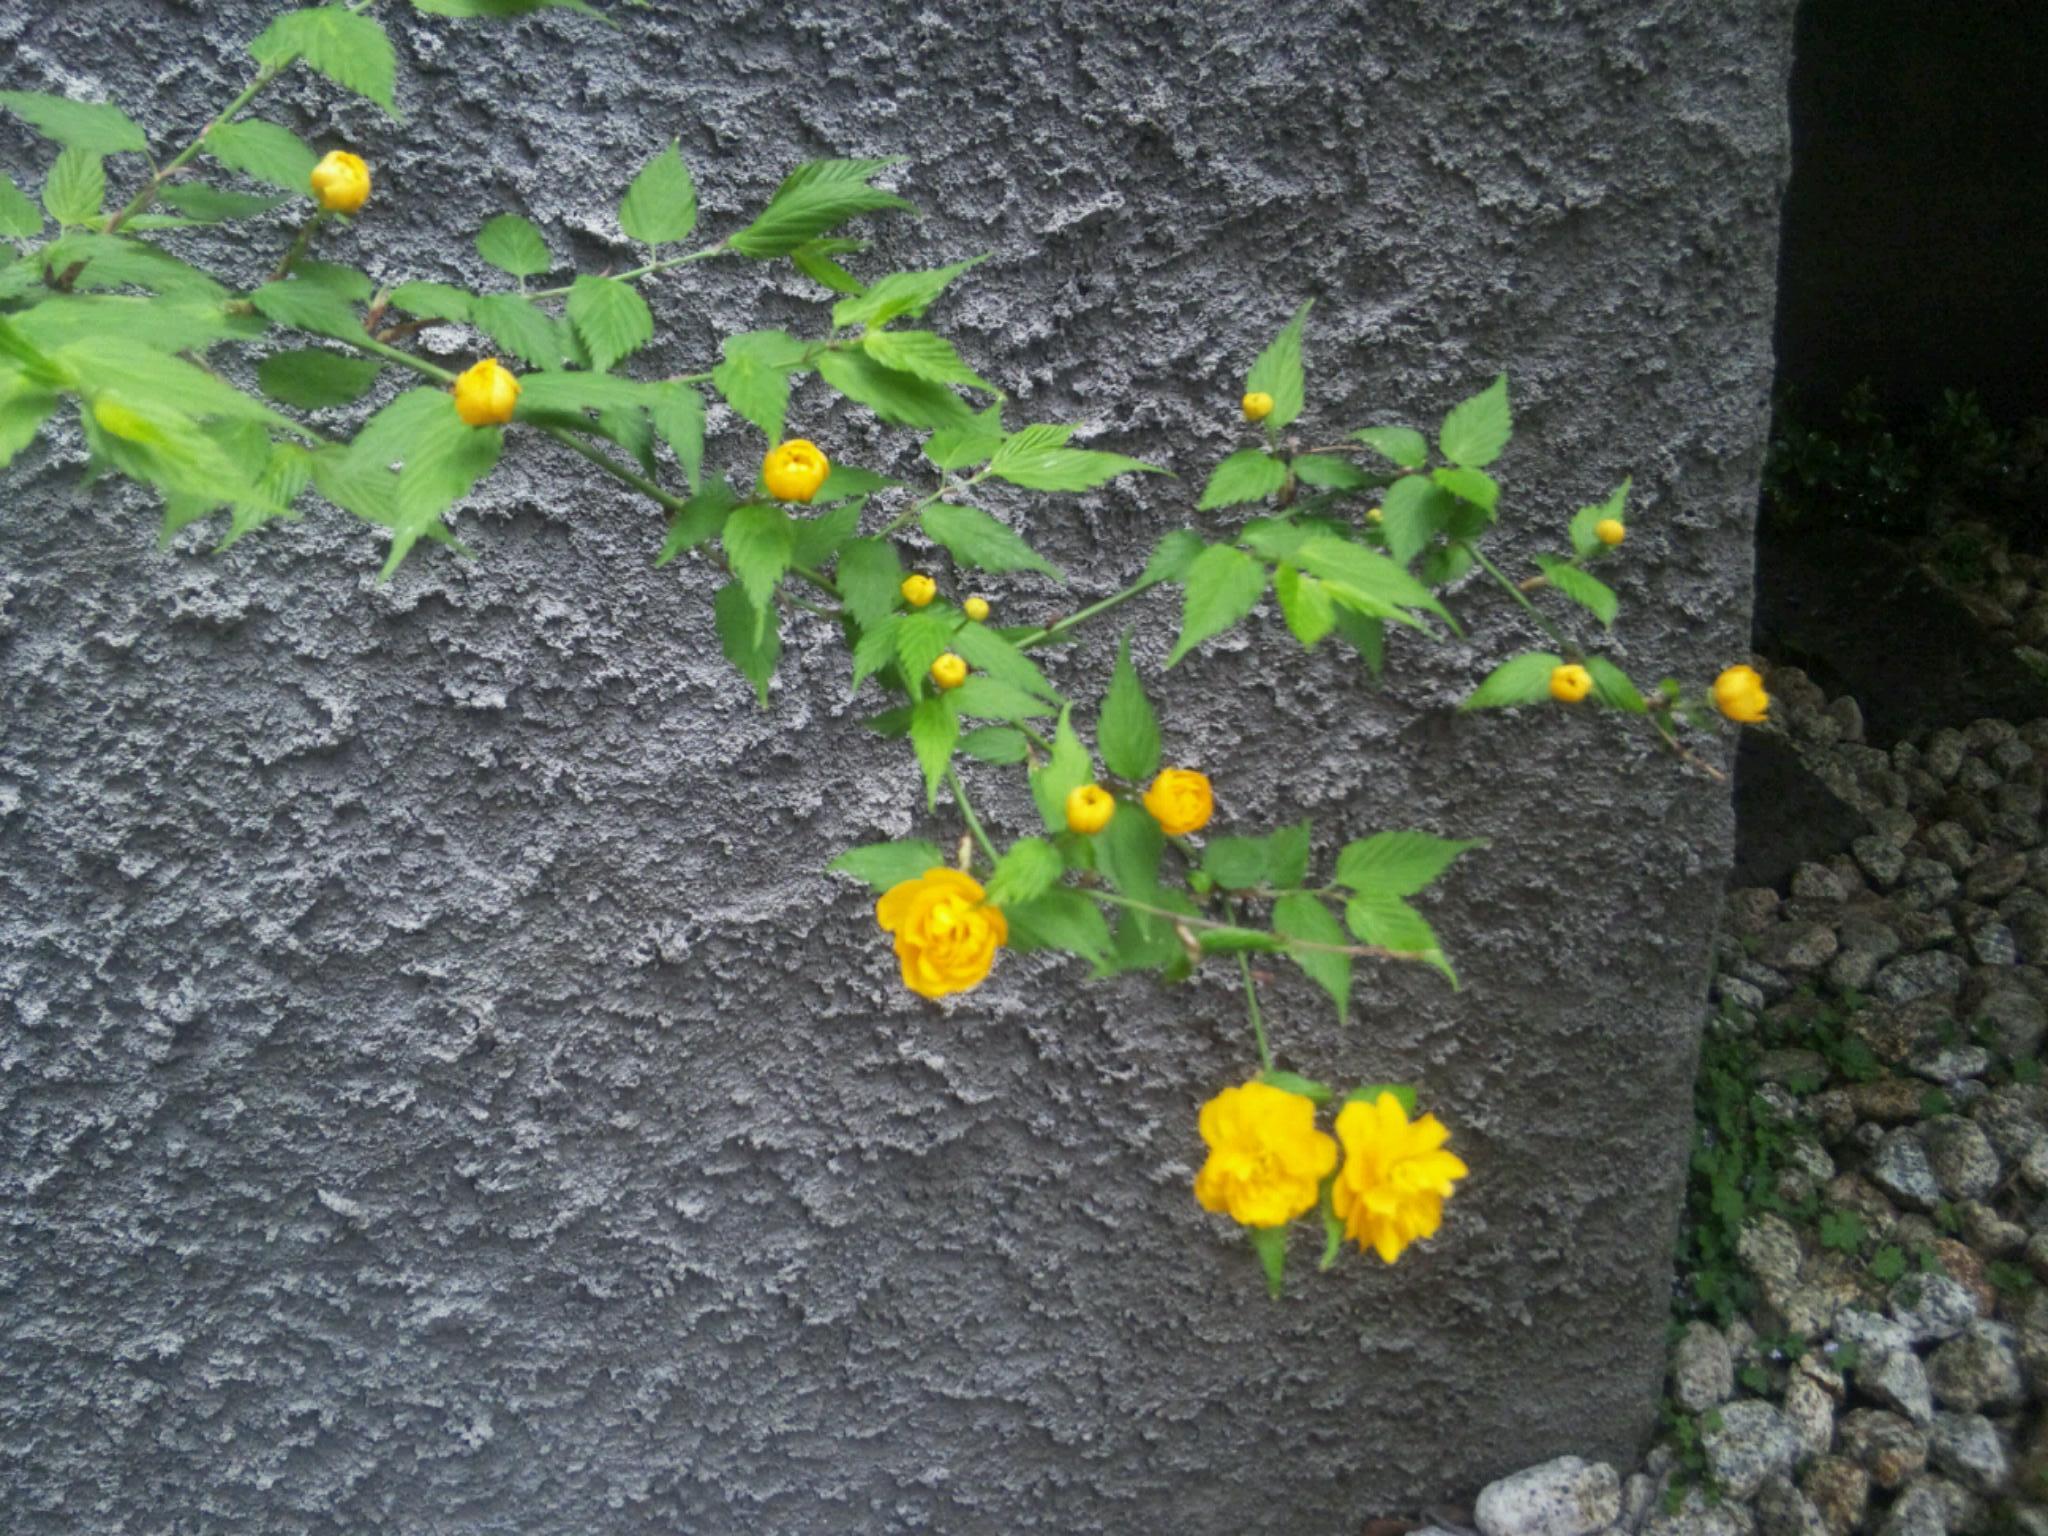 僕の家の庭に今年咲いた黄色い花たち_d0021969_1481922.jpg